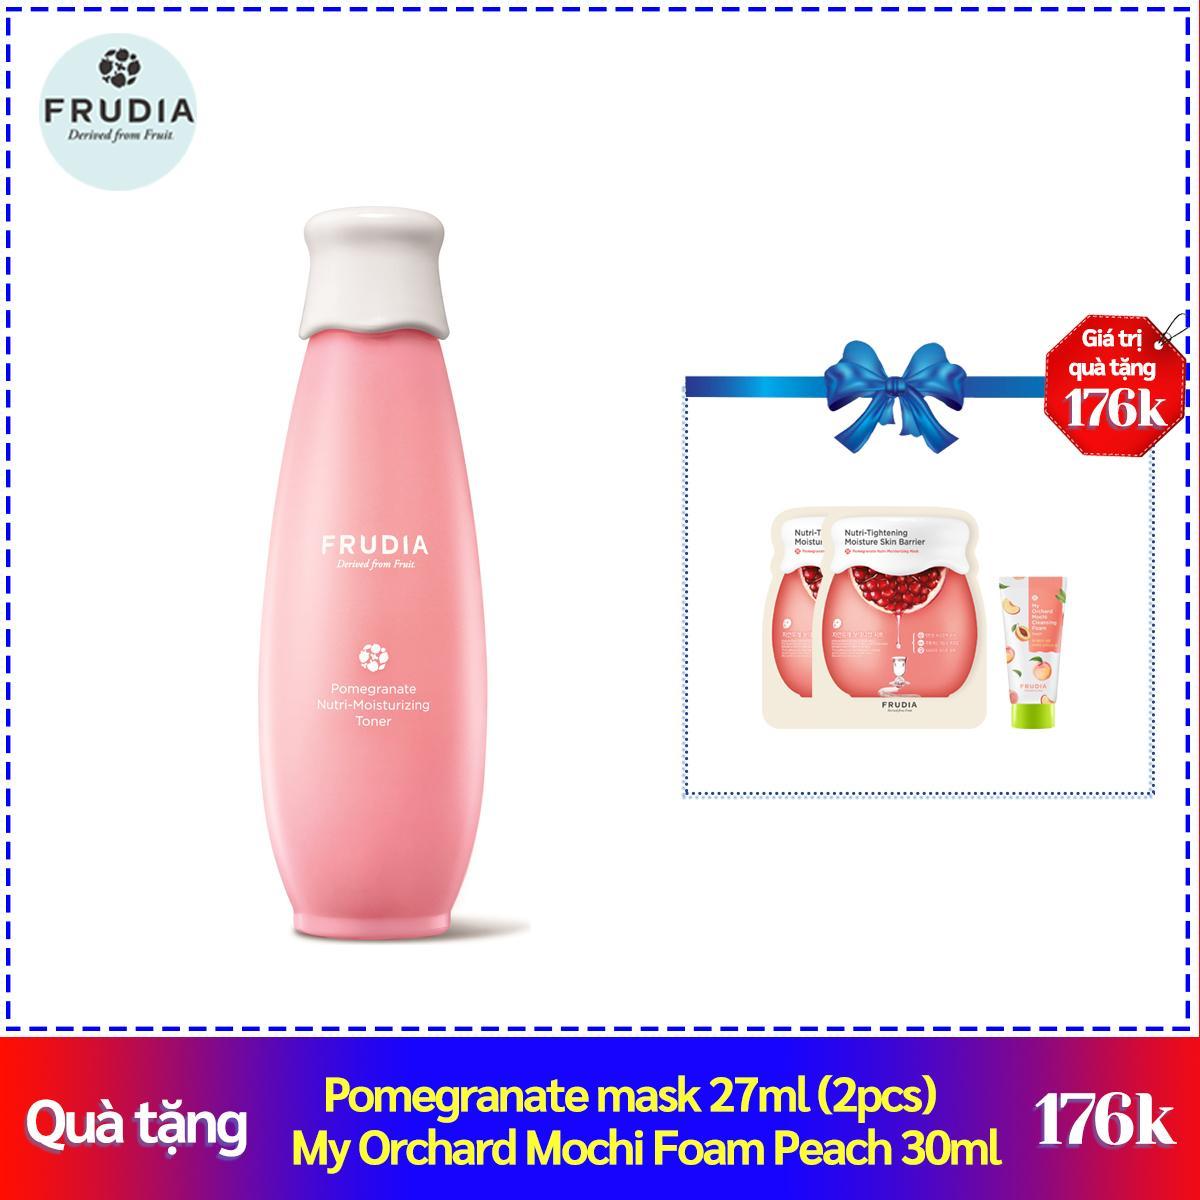 Nước Hoa Hồng Giàu Dưỡng Ẩm Chiết Xuất Quả Thạch Lựu Frudia Pomegranate Nutri-Moisturizing Toner 195ml cao cấp